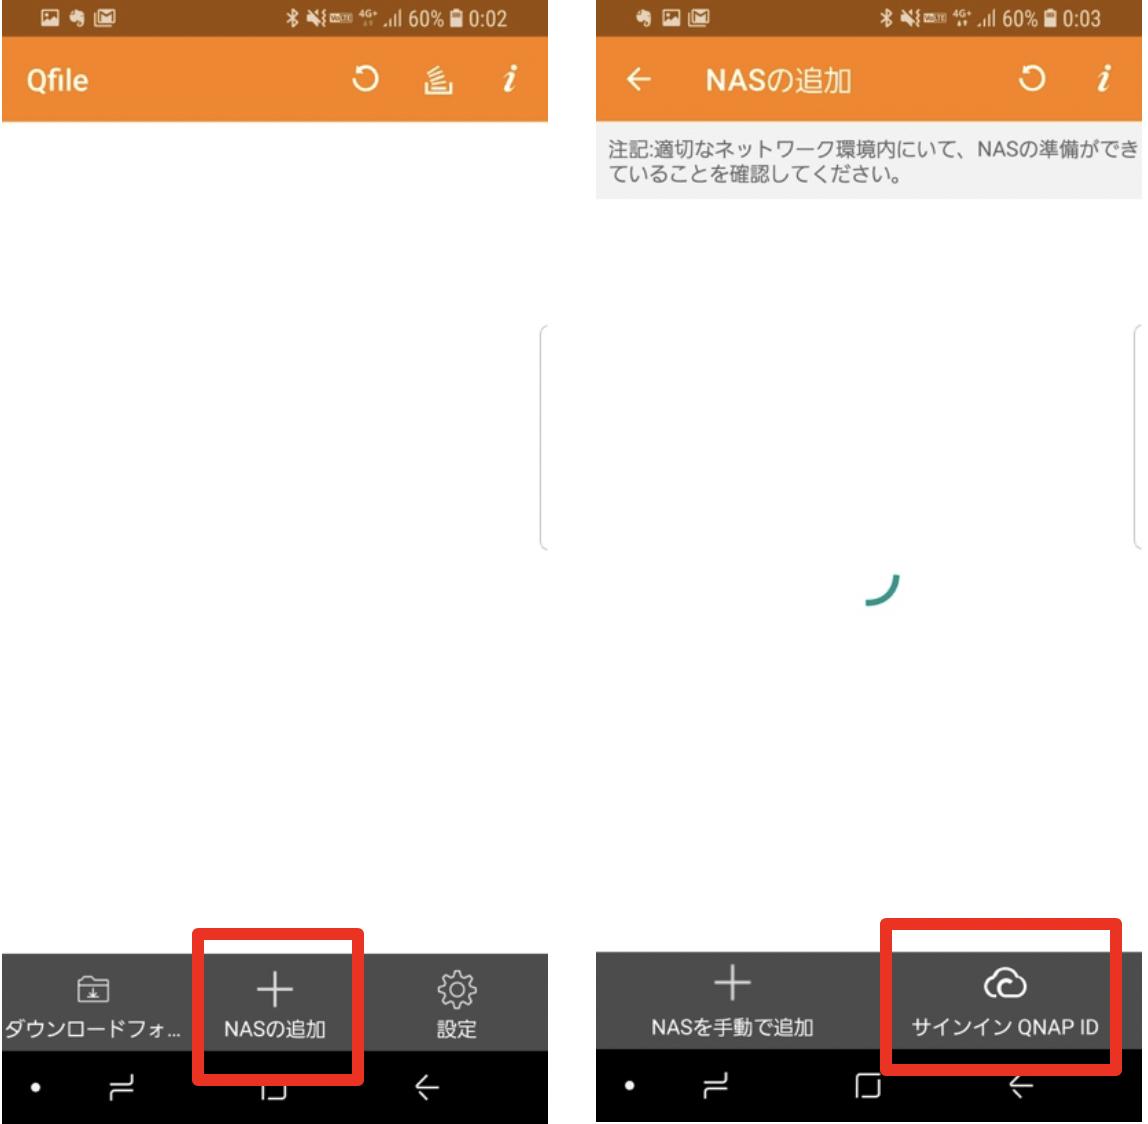 アプリ起動後「NASの追加」→「サインインQNAP ID」とタップする